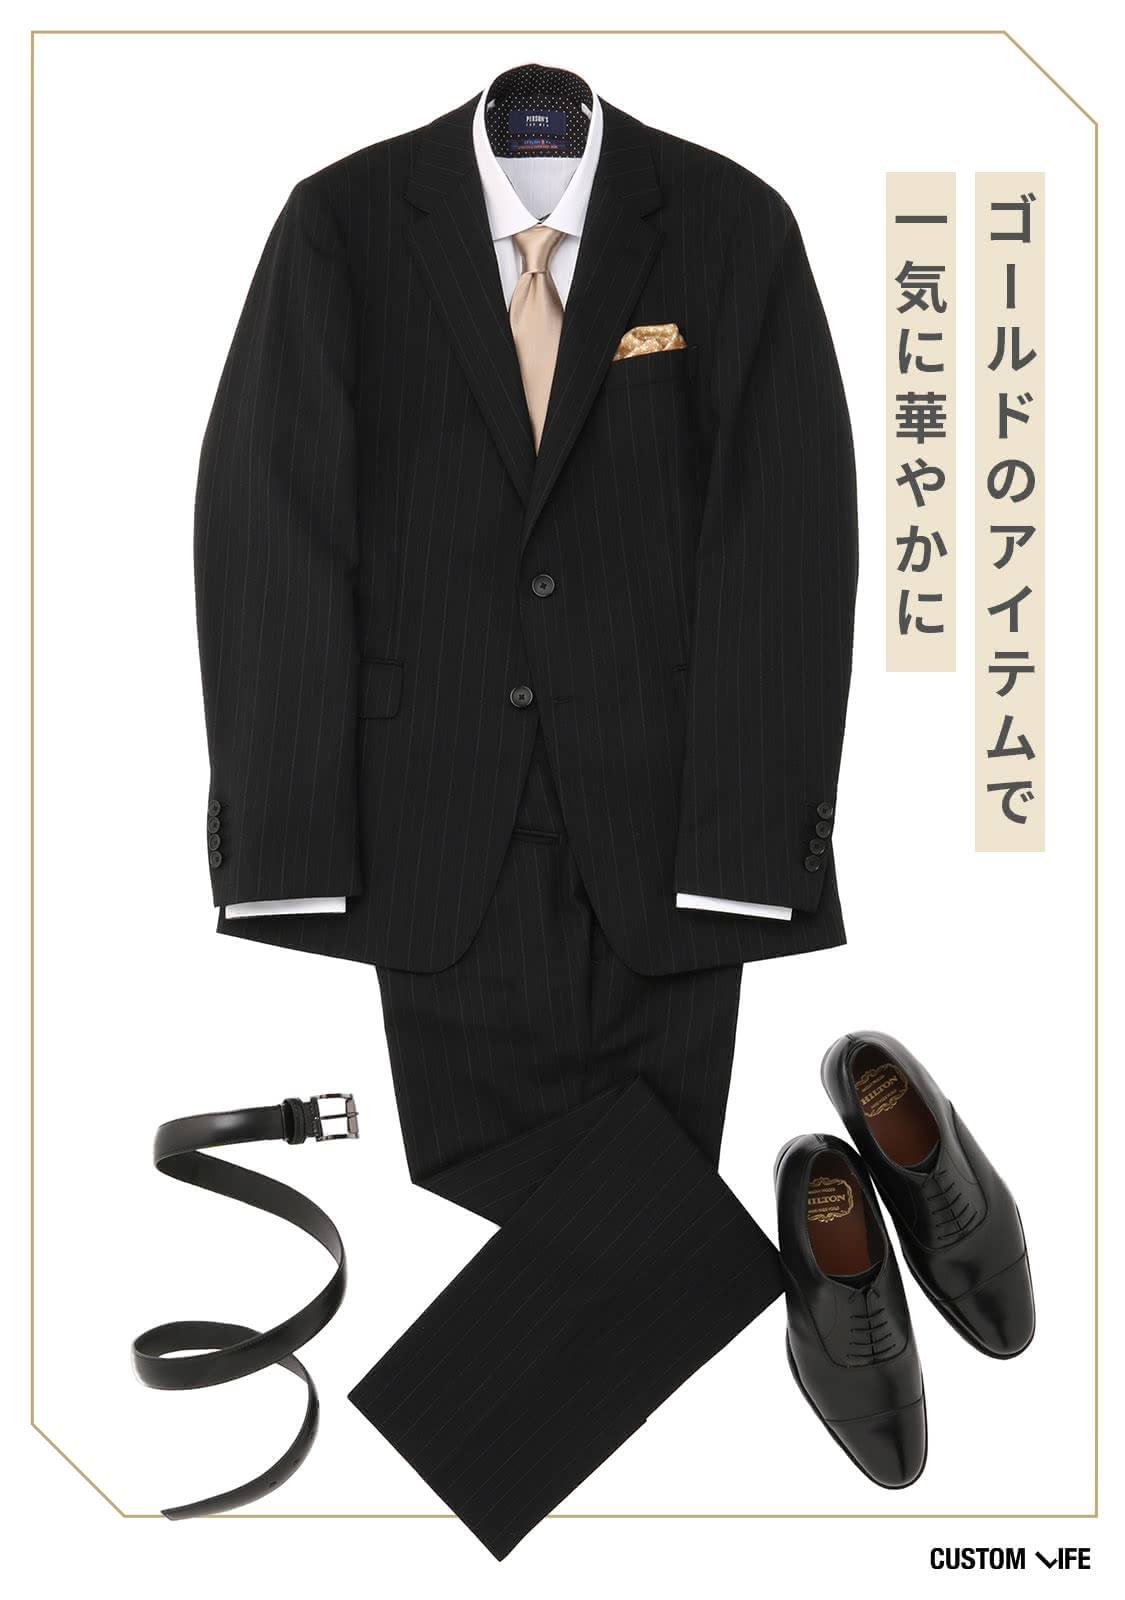 ブラックスーツに白シャツシャンパンゴールドタイ